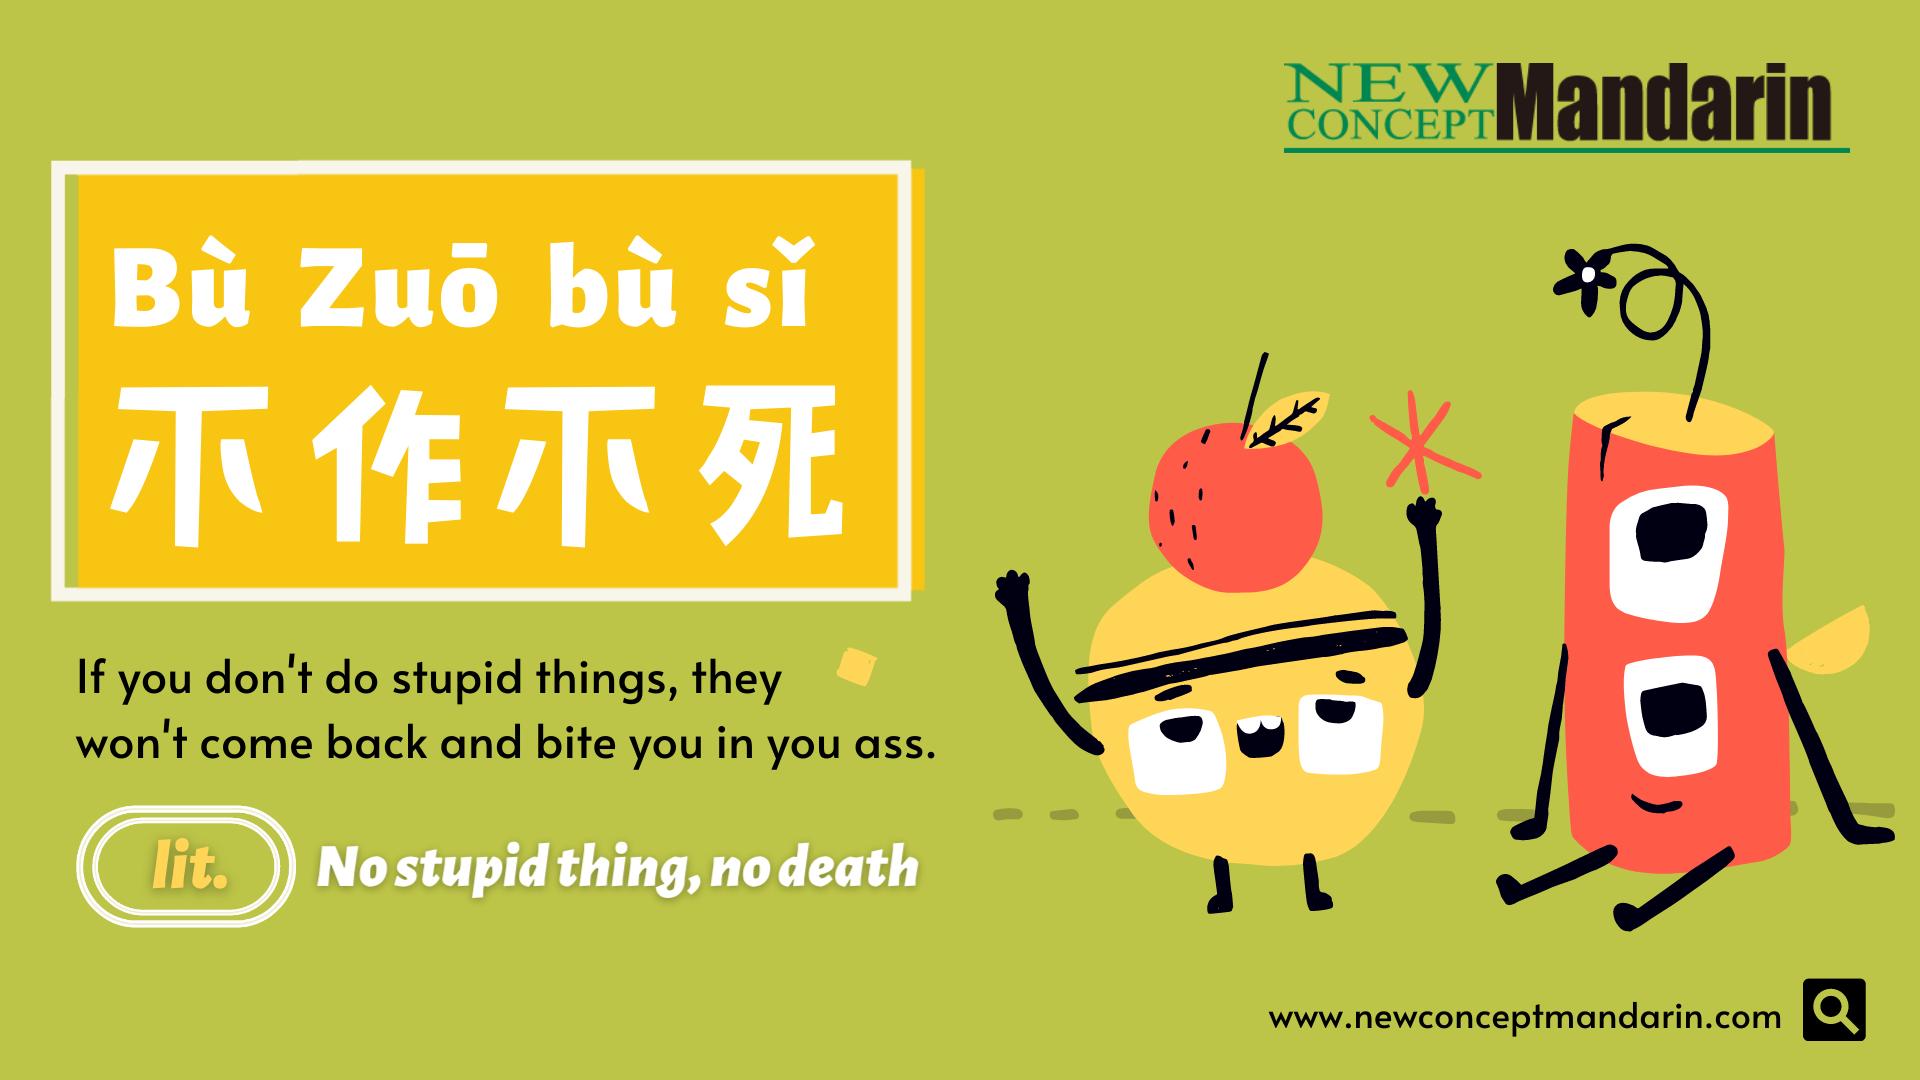 Chinese Buzzword-nozuonodie